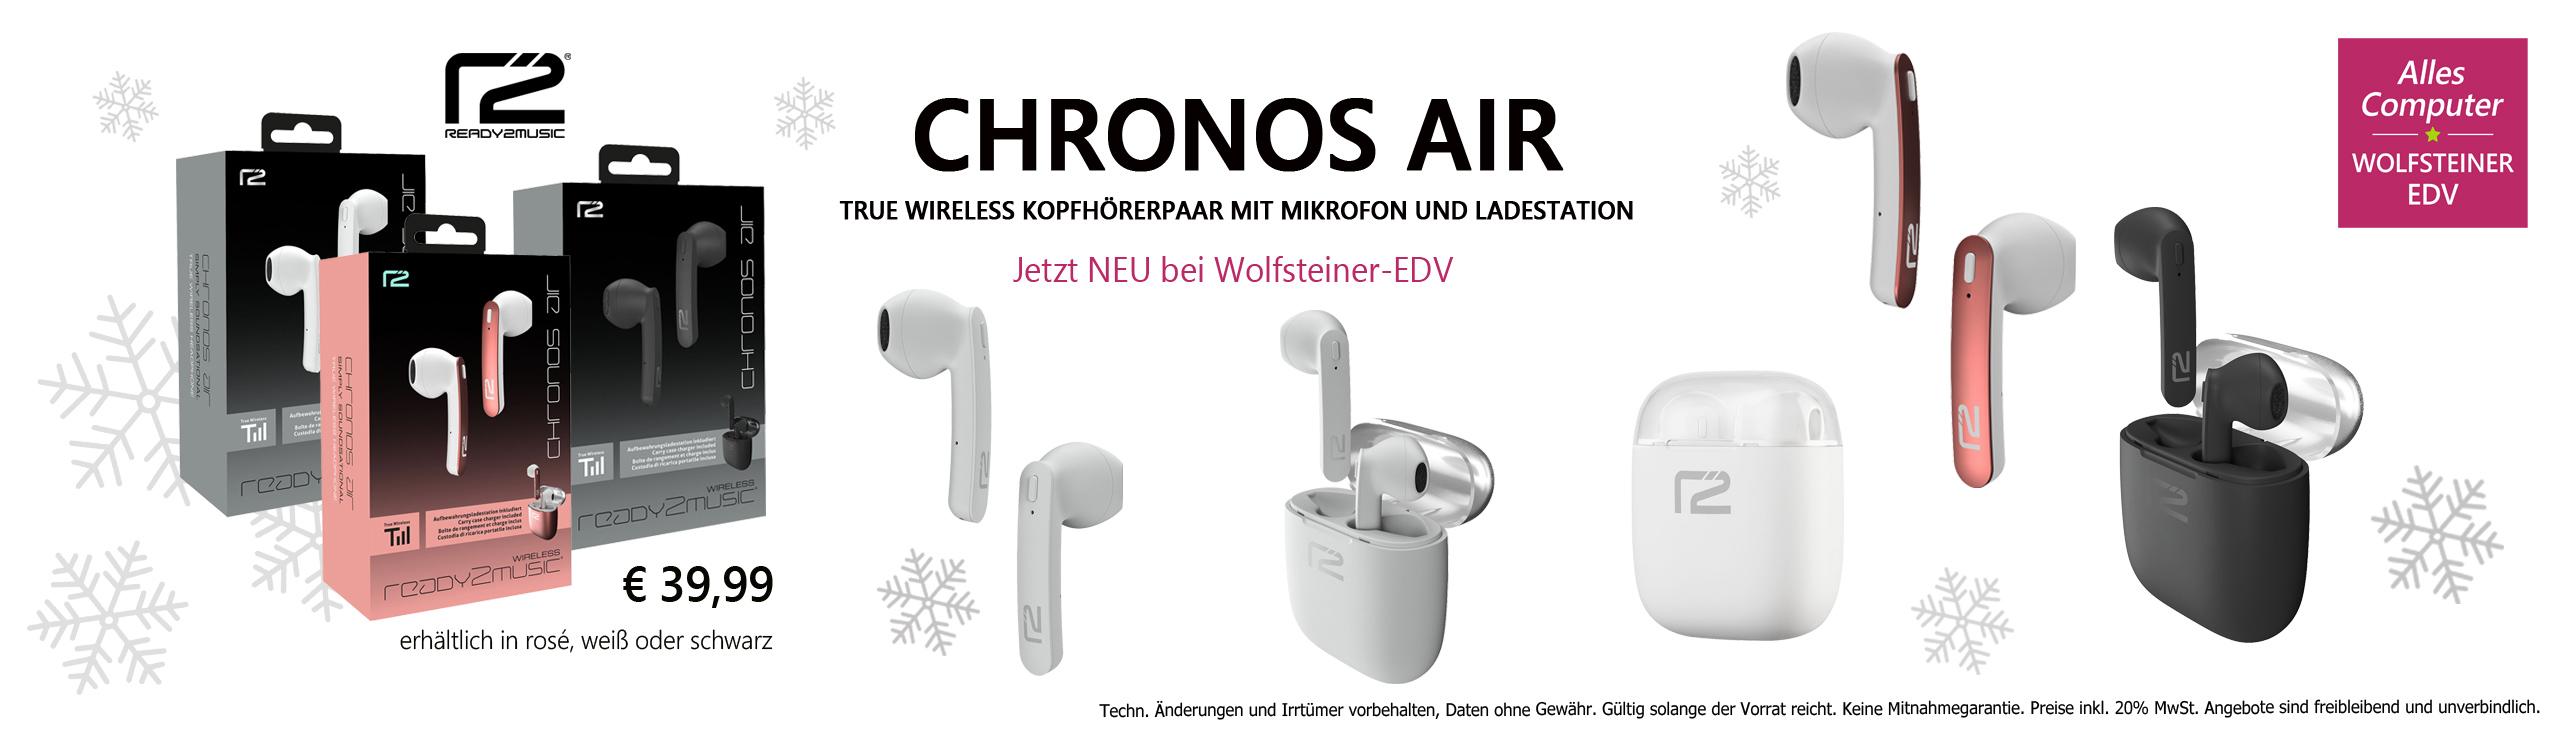 Banner Chronos Air